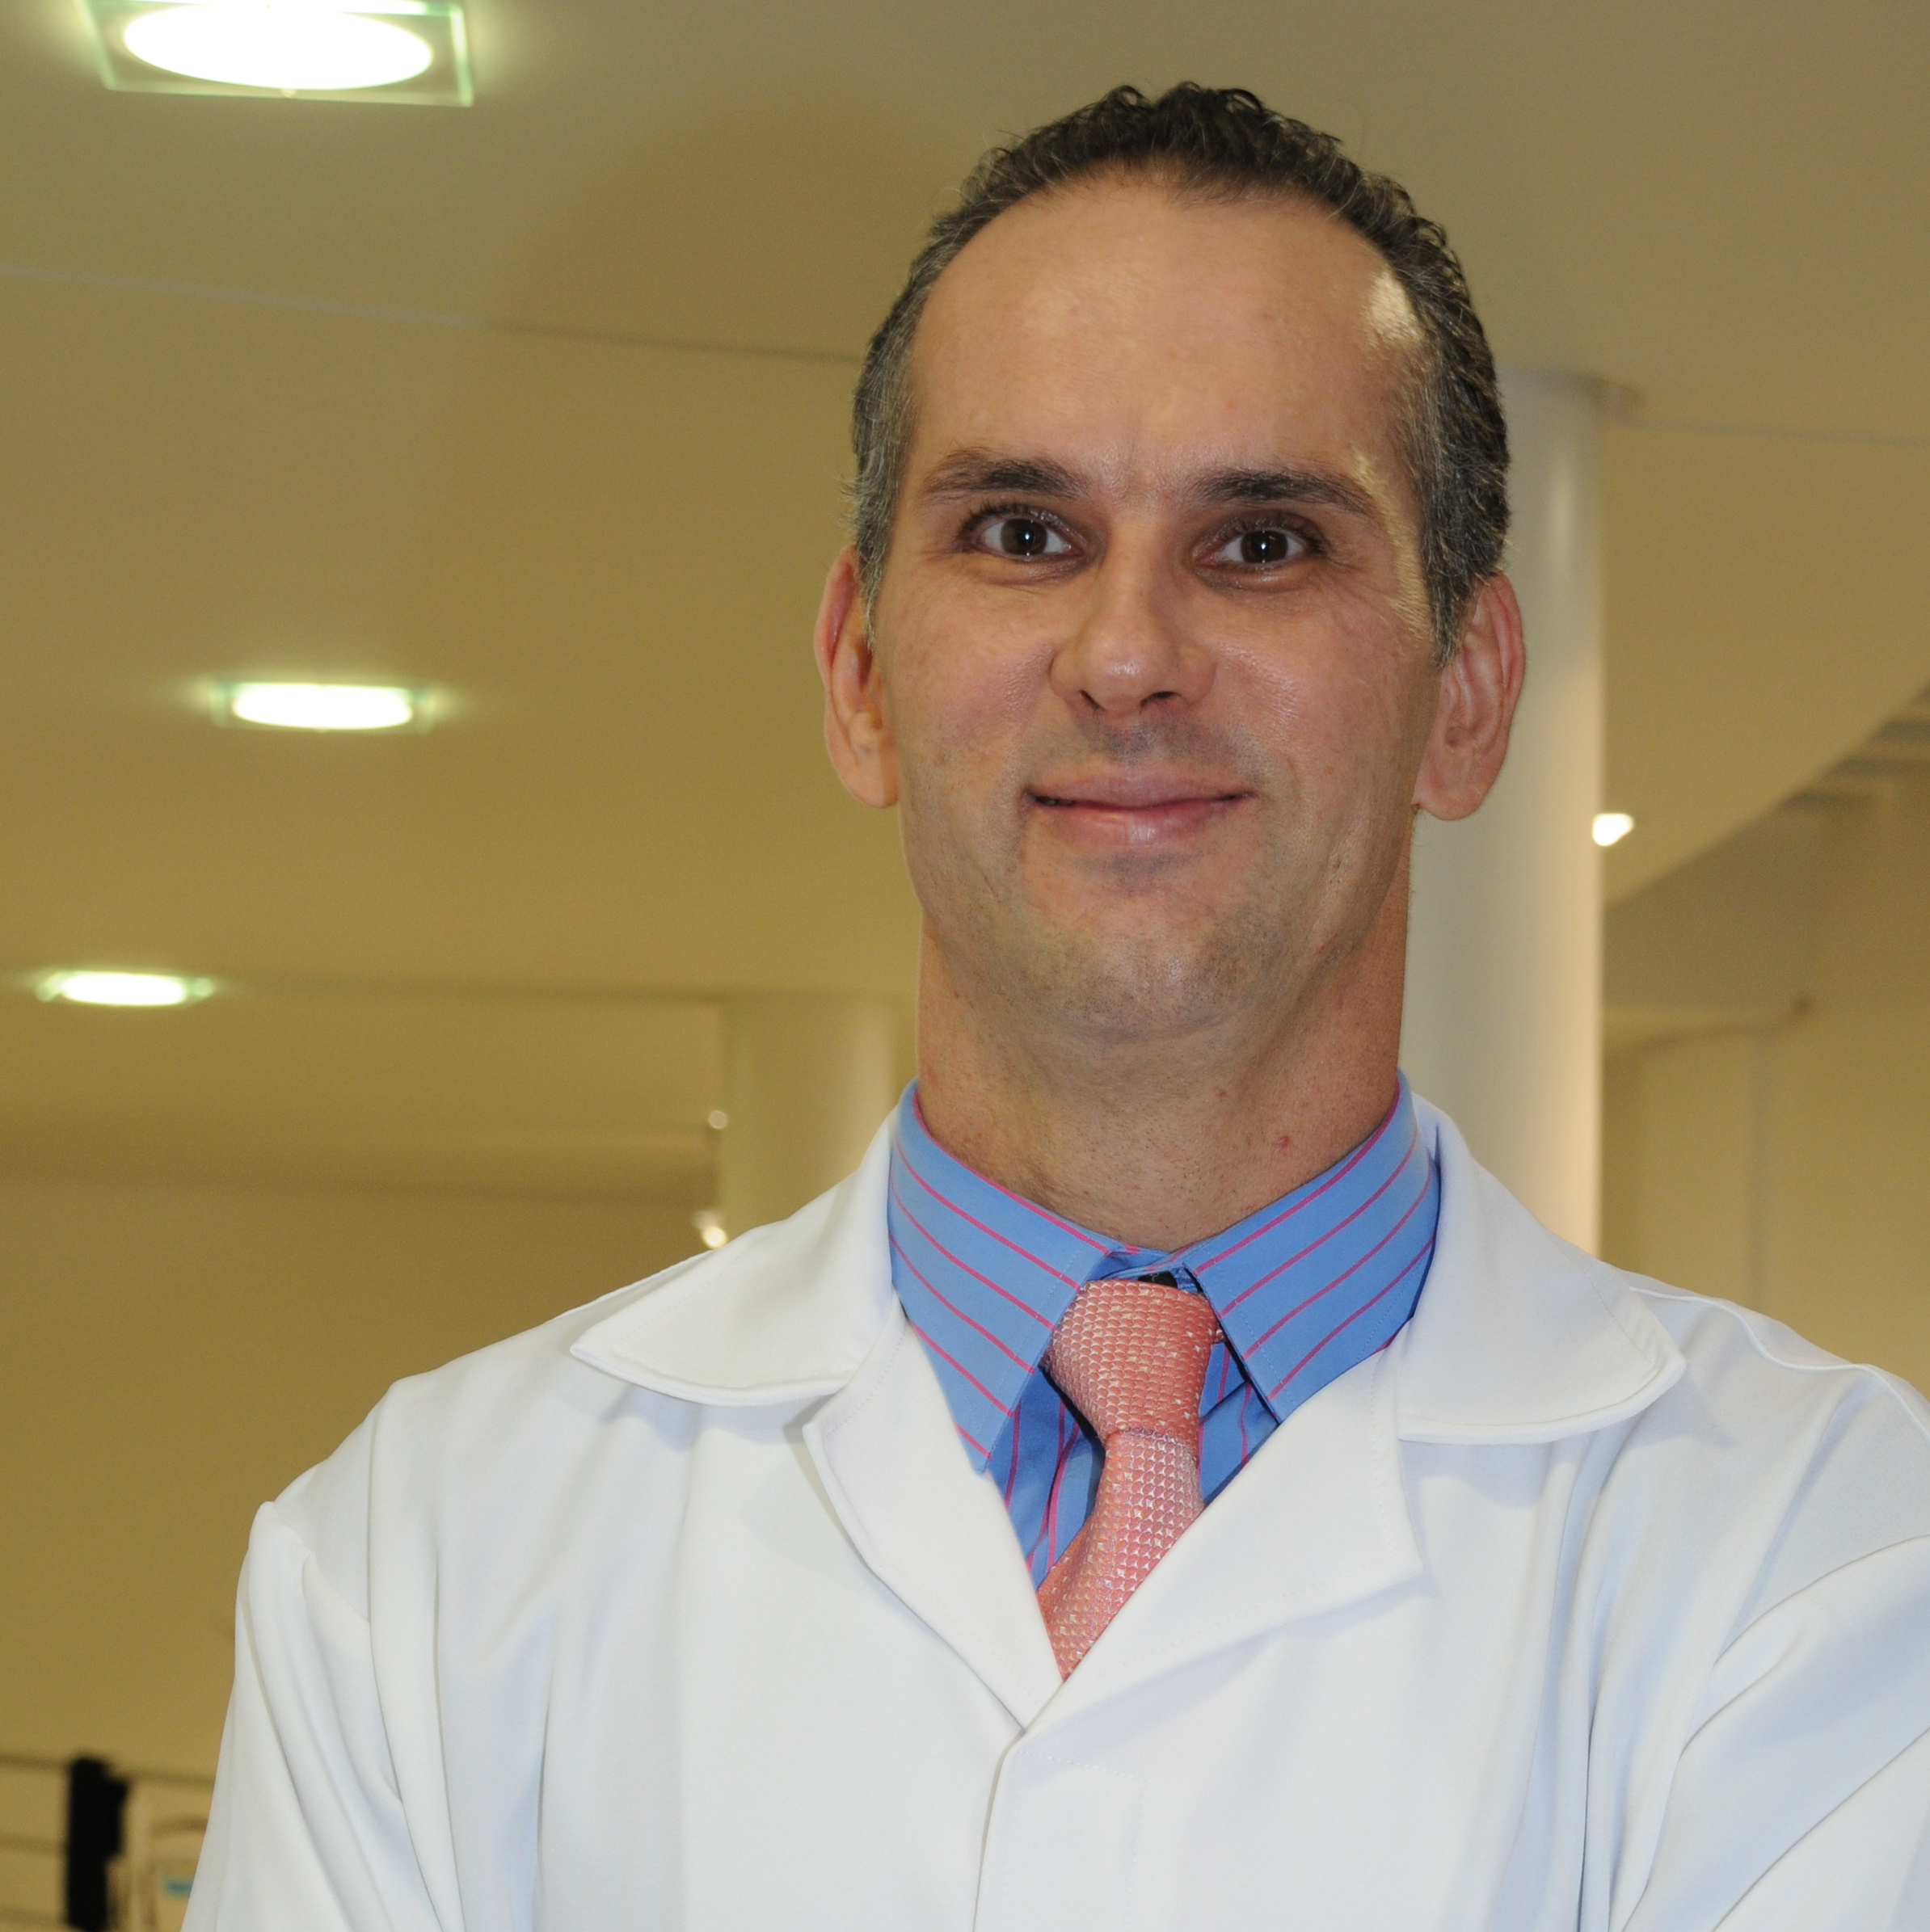 Jorge Alberto Frischenbruder